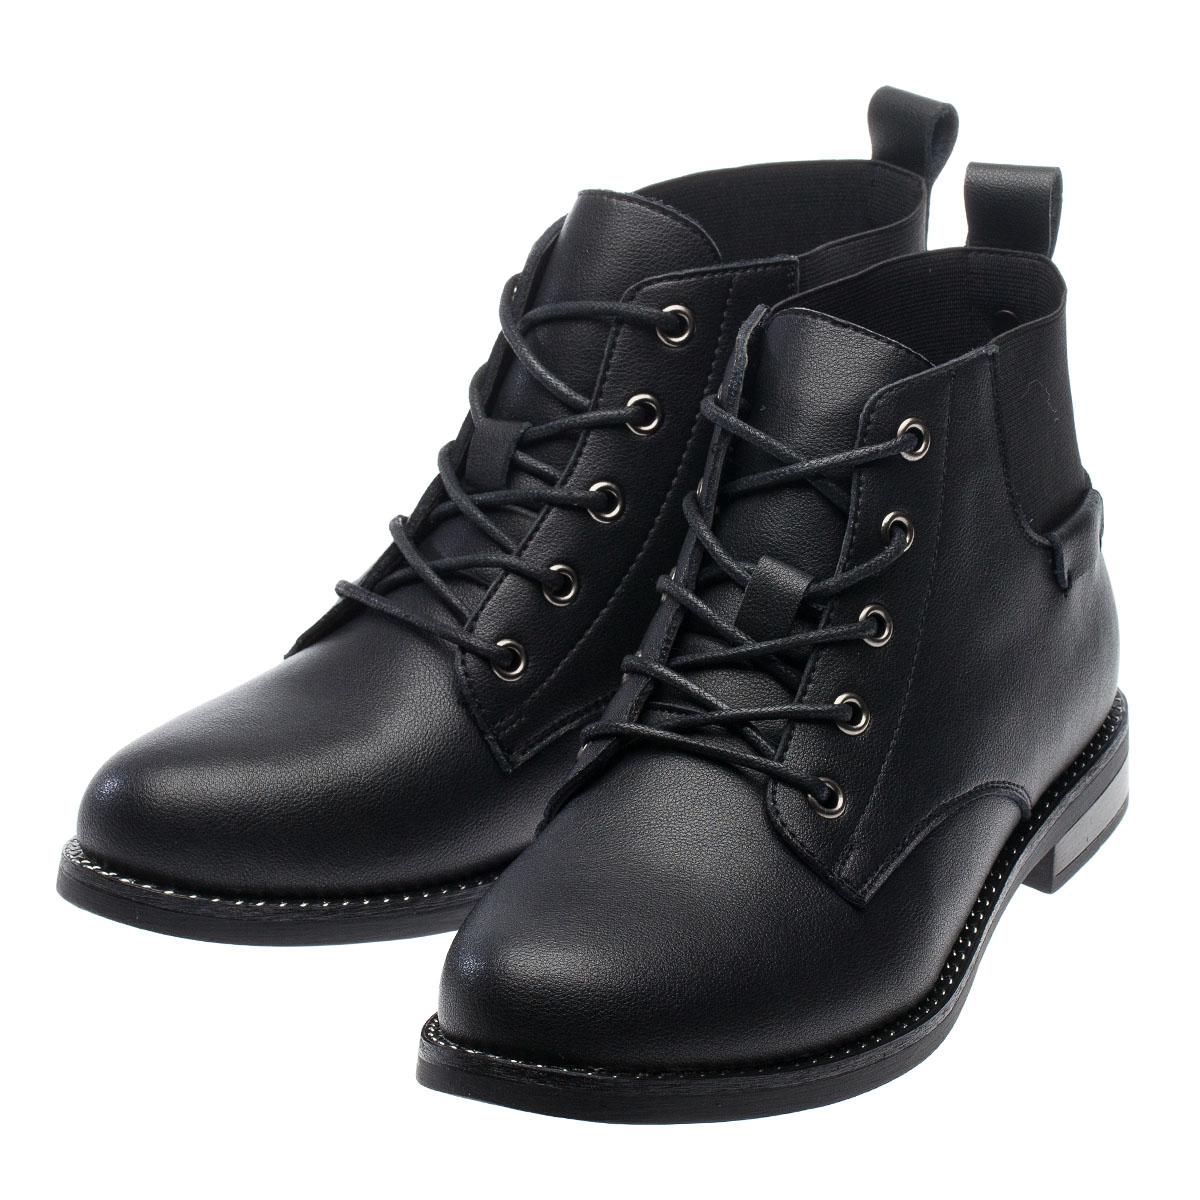 Ботинки демисезонные FERTO, DN15-3762